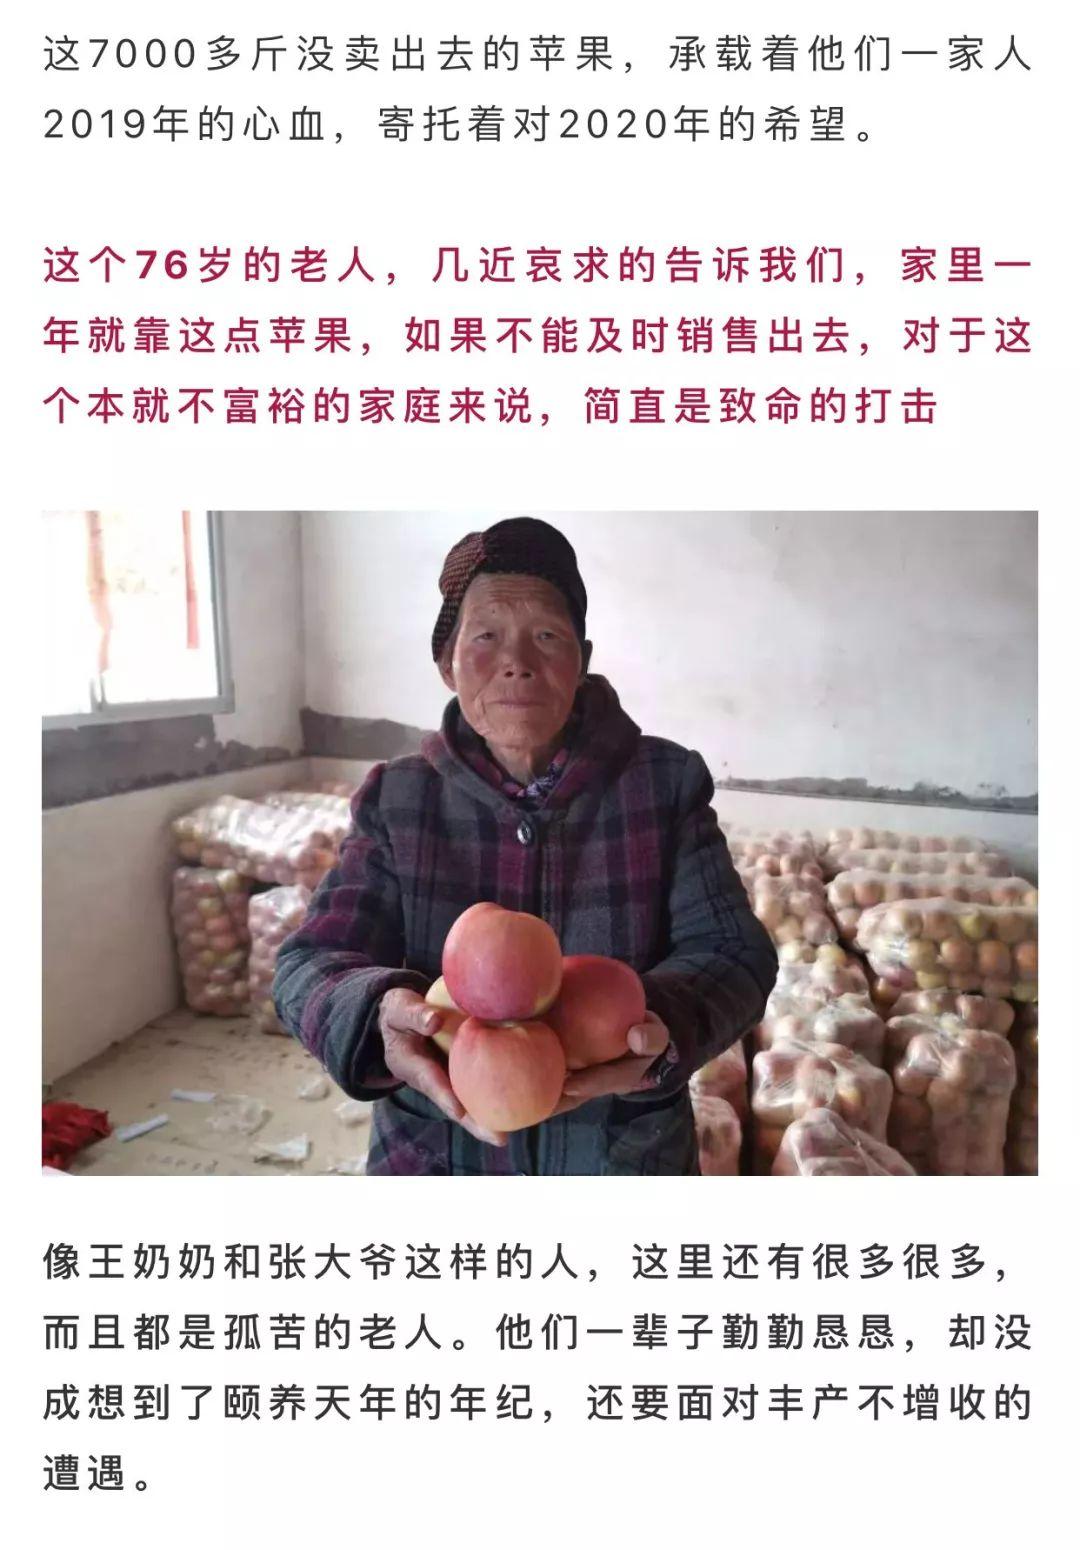 年关将近,紧急求助!陕西300万斤红富士苹果急盼销路,10斤仅29.9元,请大家帮忙转发助力,帮助乡亲们度过年关!插图36